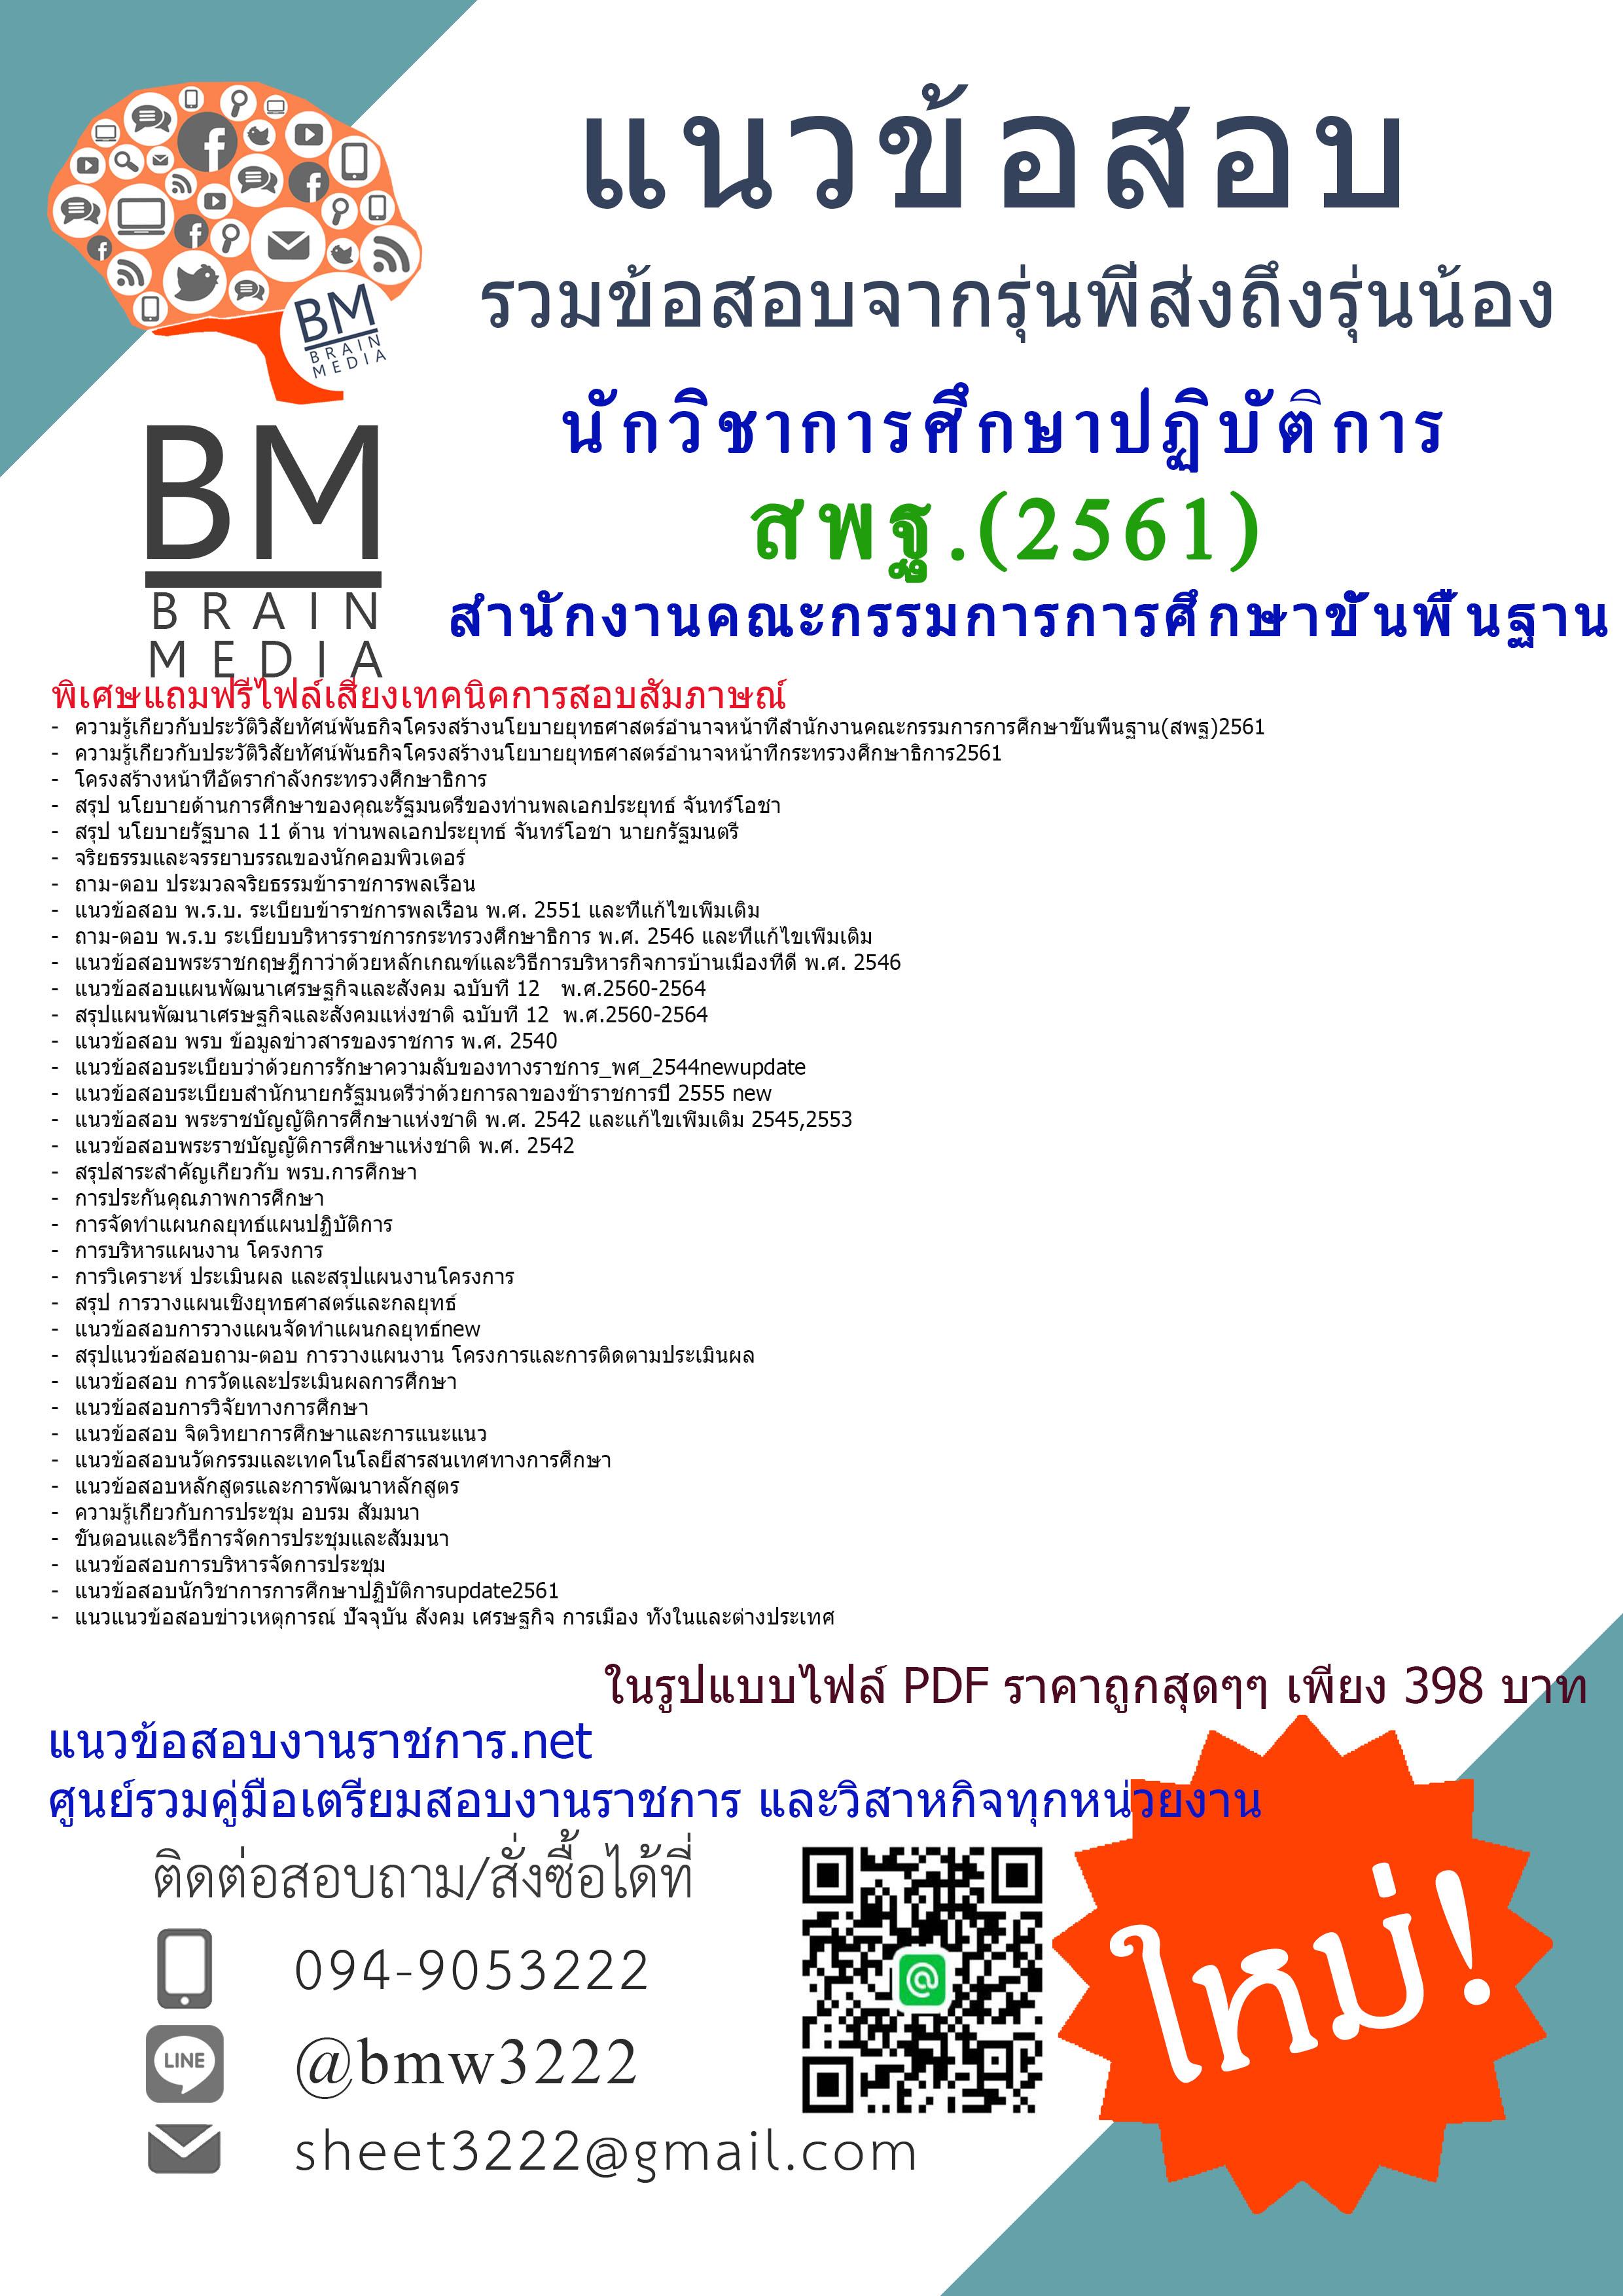 (((updateที่สุด)))แนวข้อสอบนักวิชาการศึกษาปฏิบัติการสำนักงานคณะกรรมการการศึกษาขั้นพื้นฐาน(สพฐ)2561